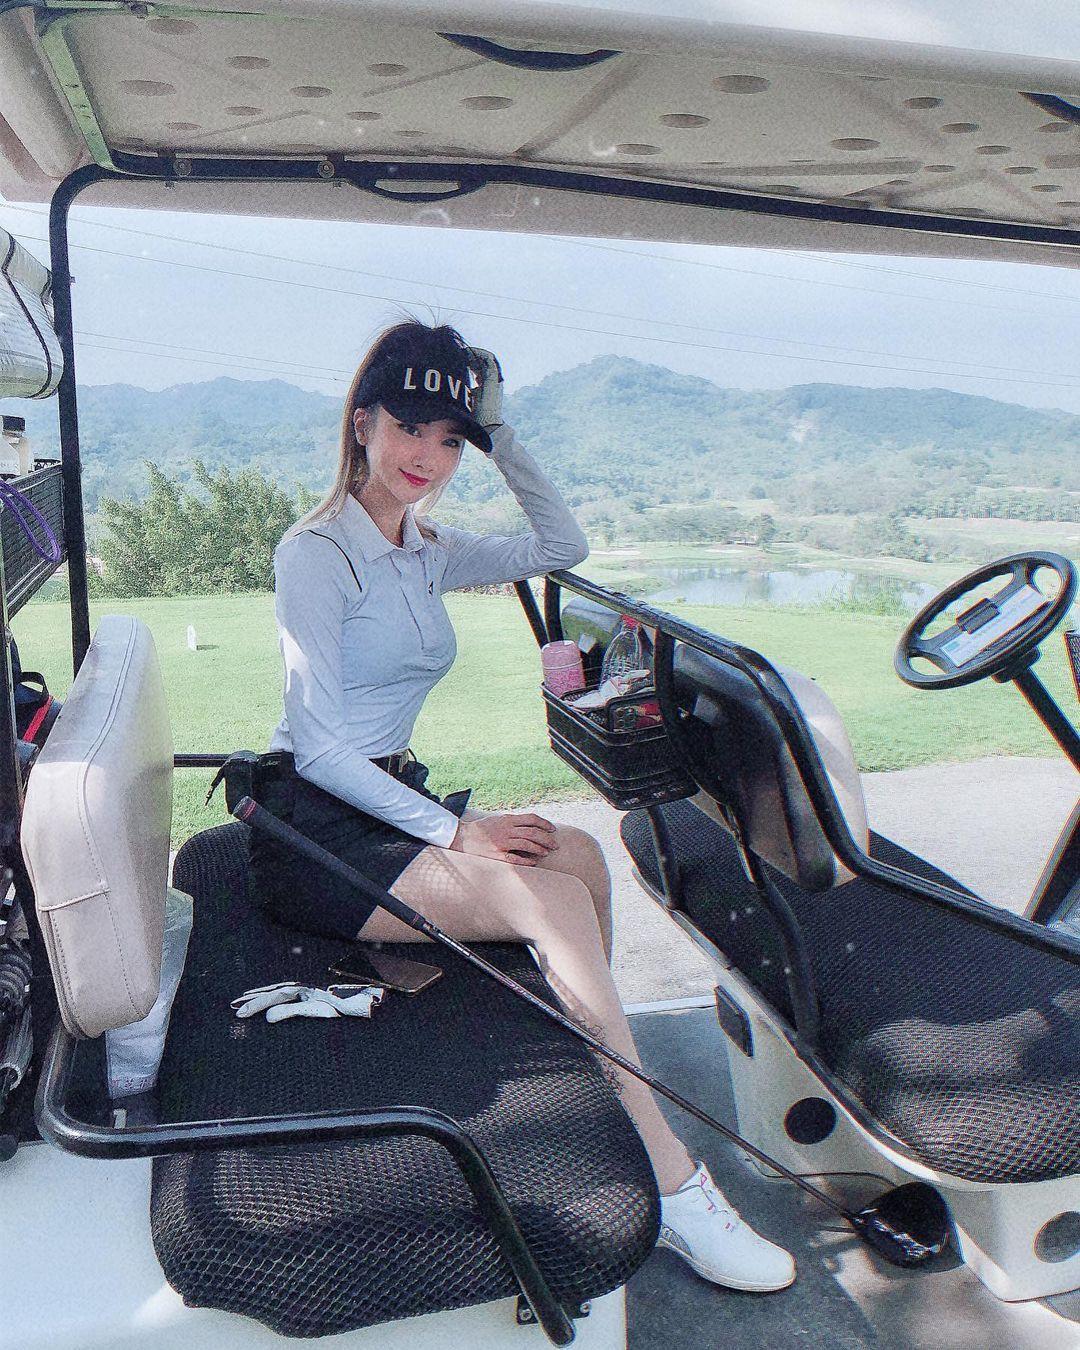 高尔夫球车惊见「白嫩美腿妹」!迷你短裙藏不住辣腿,窈窕曲线谁受得了!插图(1)